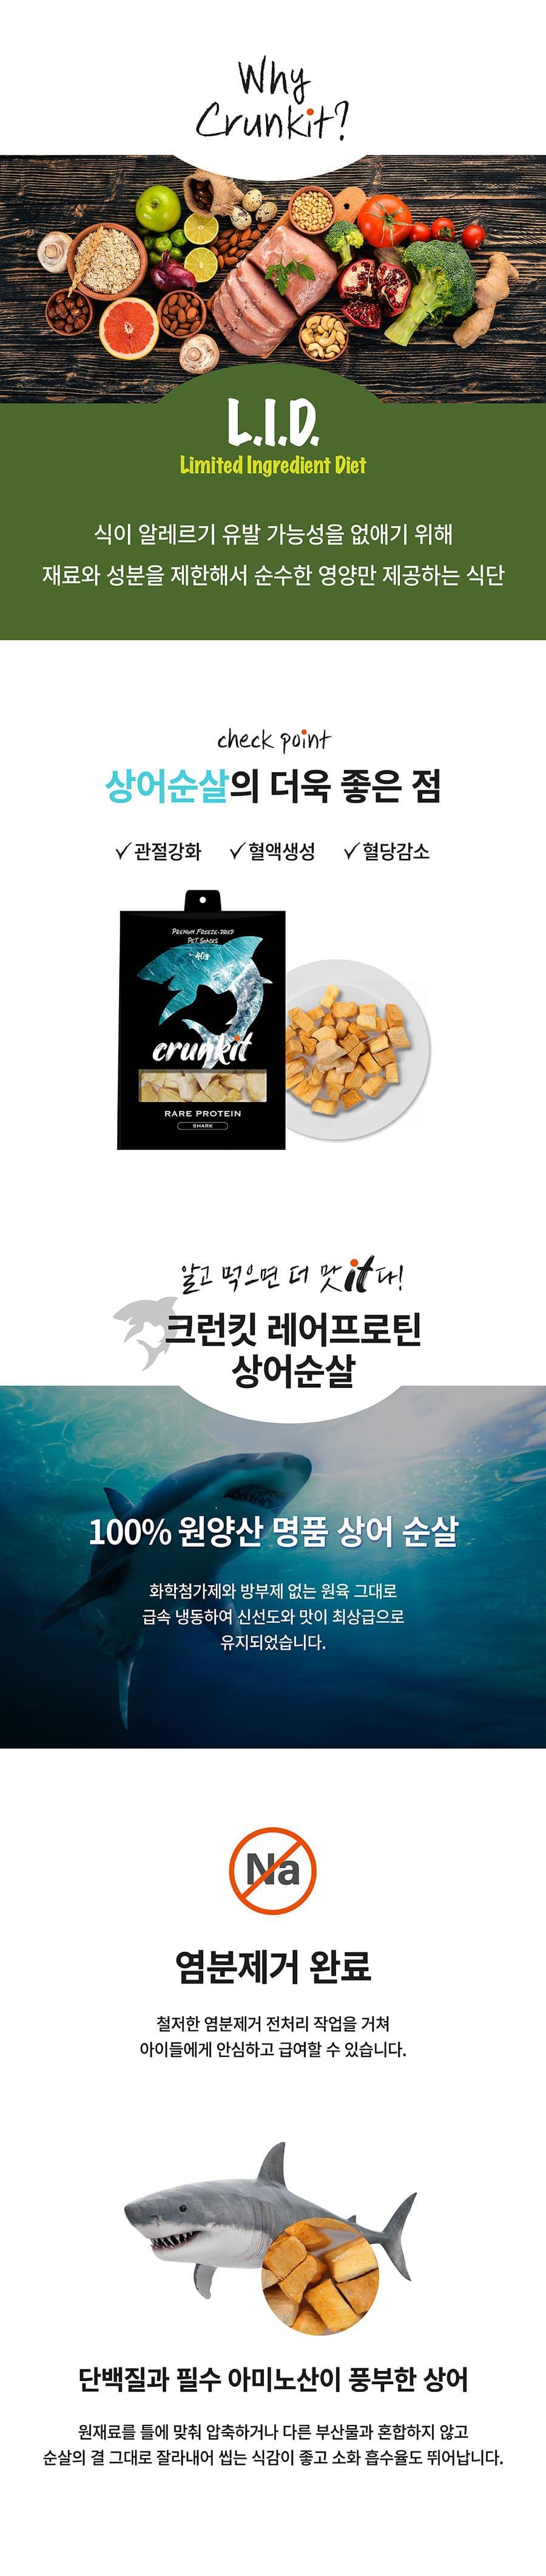 it 크런킷 레어프로틴 (열빙어/캥거루/상어순살/말고기/껍질연어)-상품이미지-12